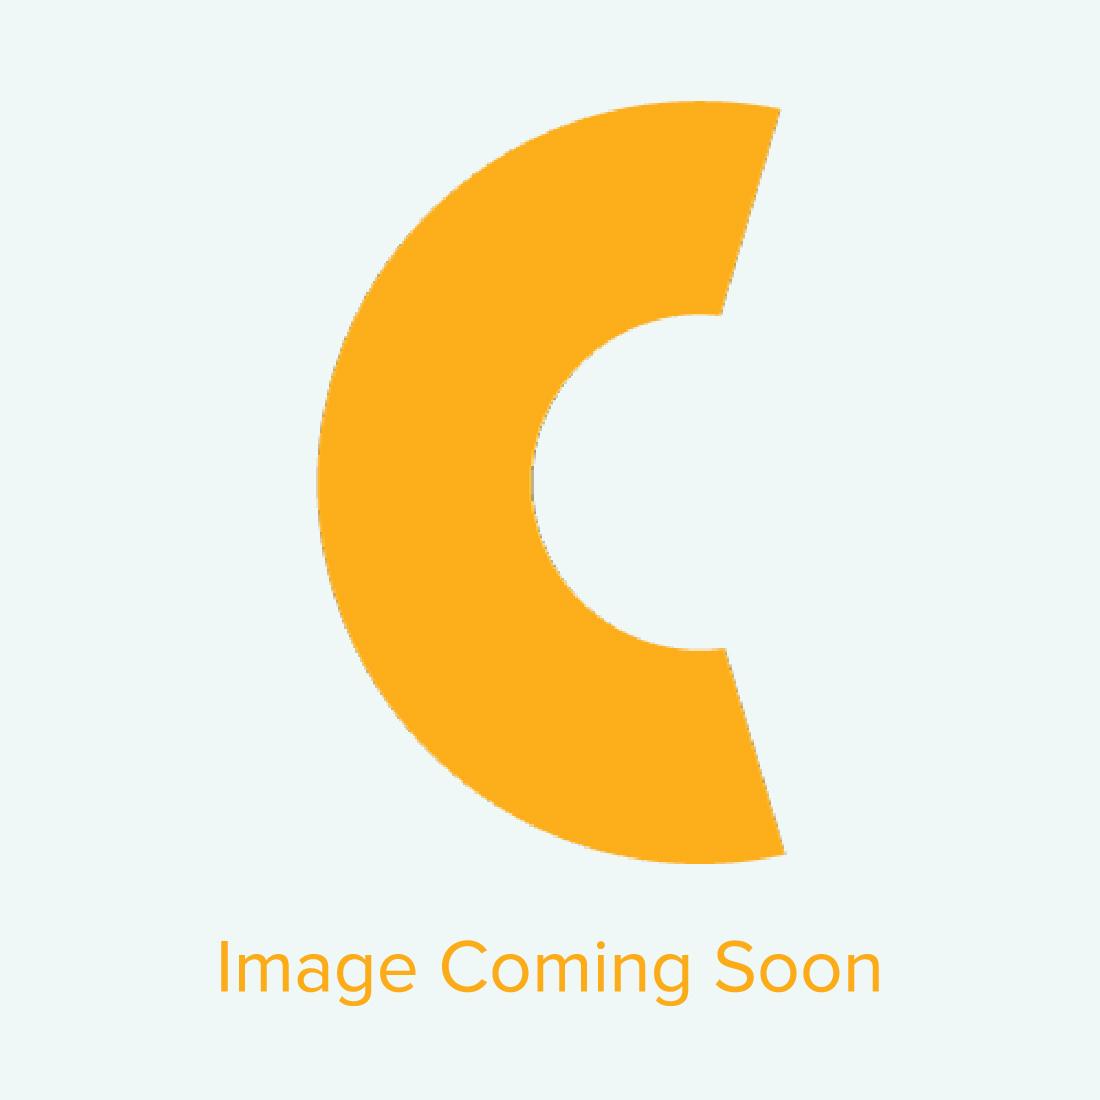 """Graphtec CE6000-40 PLUS 15"""" Vinyl Cutter - OPEN BOX"""